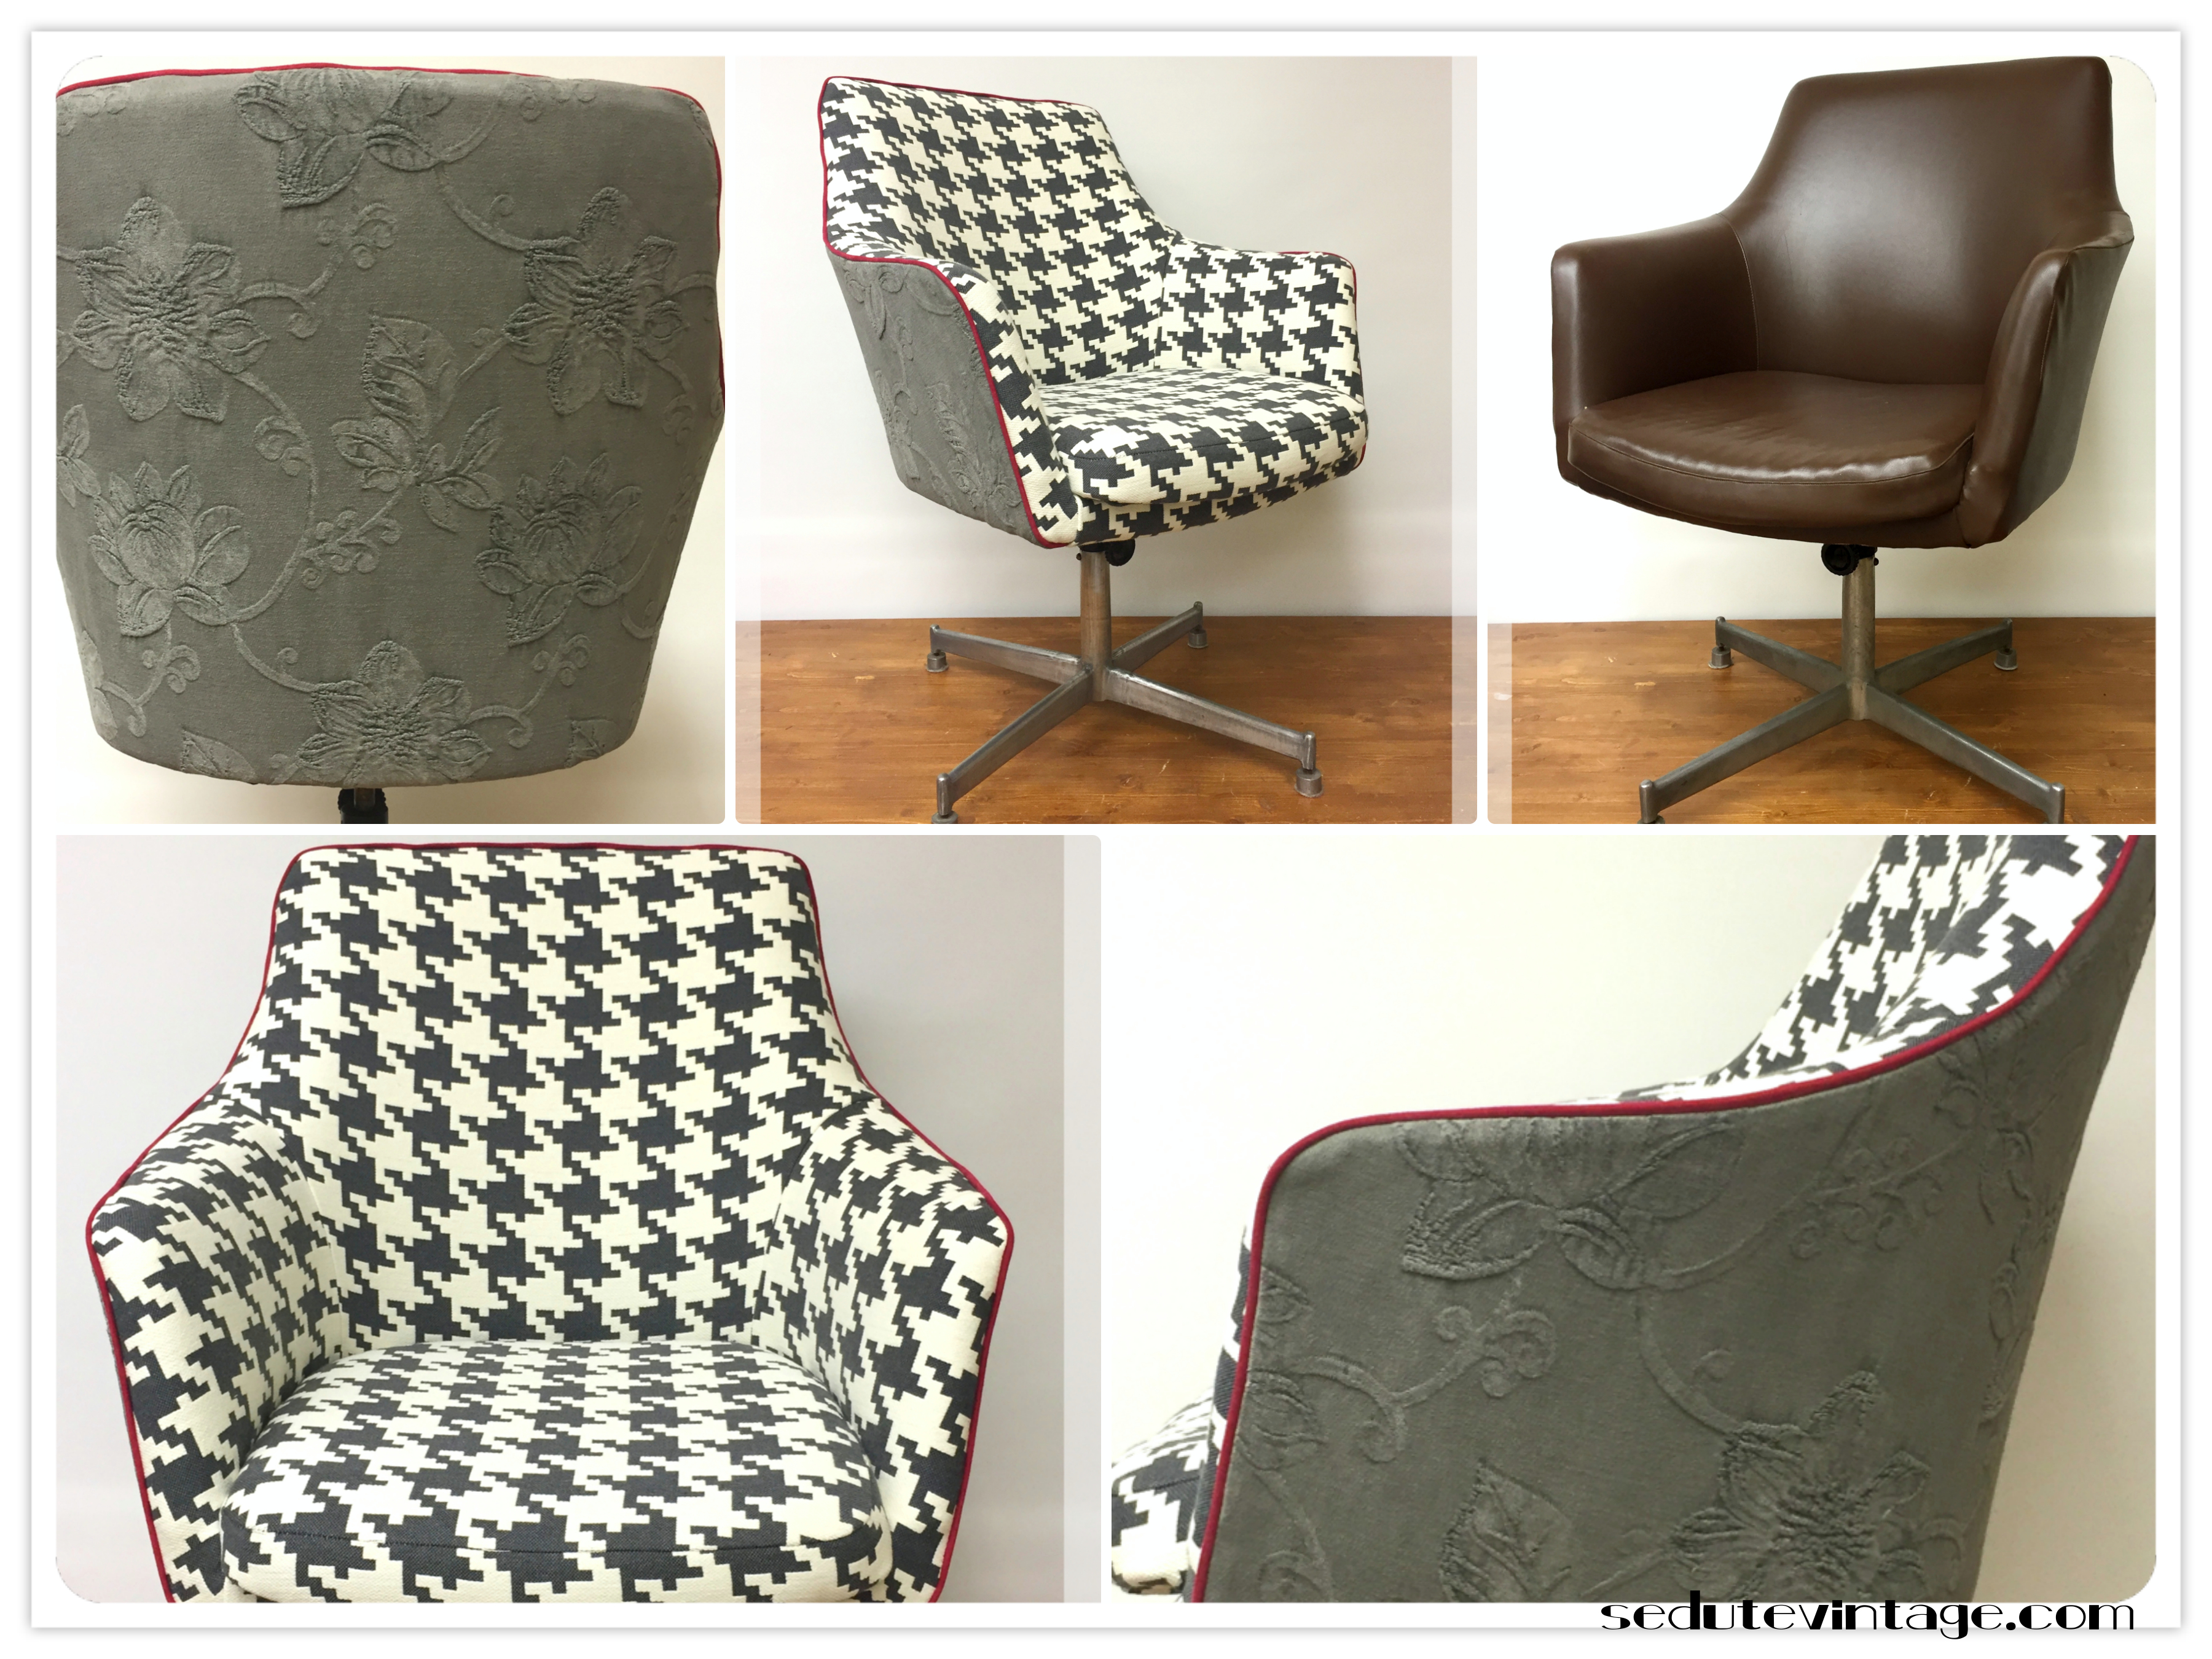 Poltrona Ufficio Anni 60 : Sedia da ufficio in metallo vintage anni mim parisi tecno